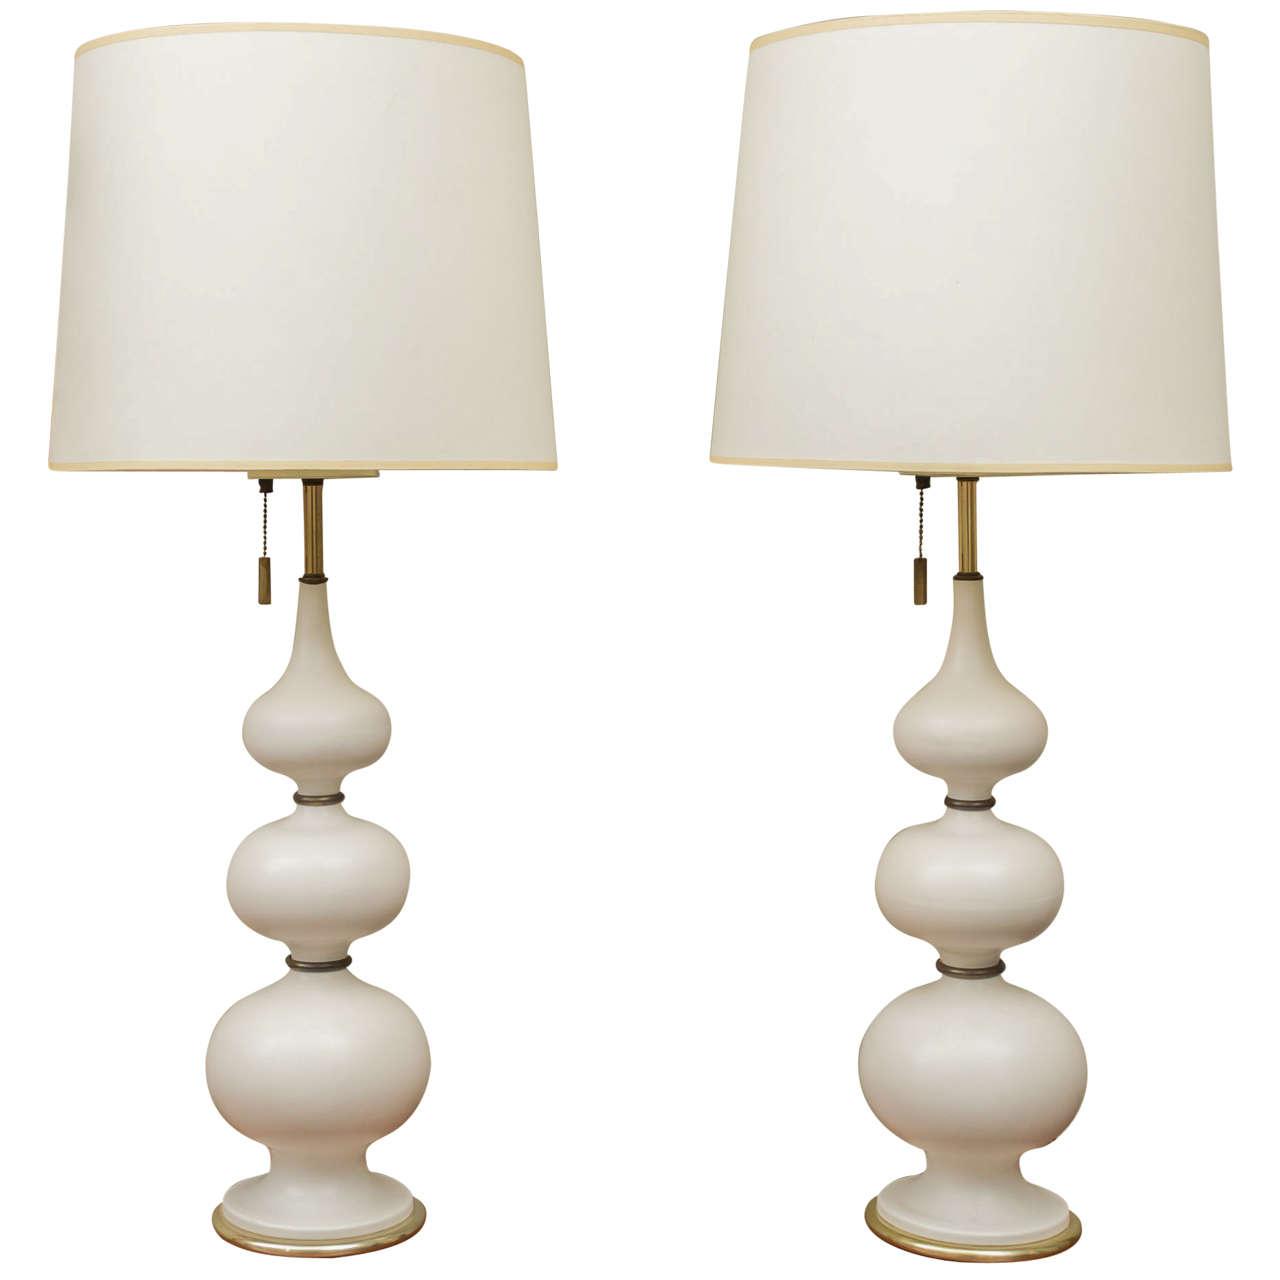 Gerald Thurston for Lightolier Lamps